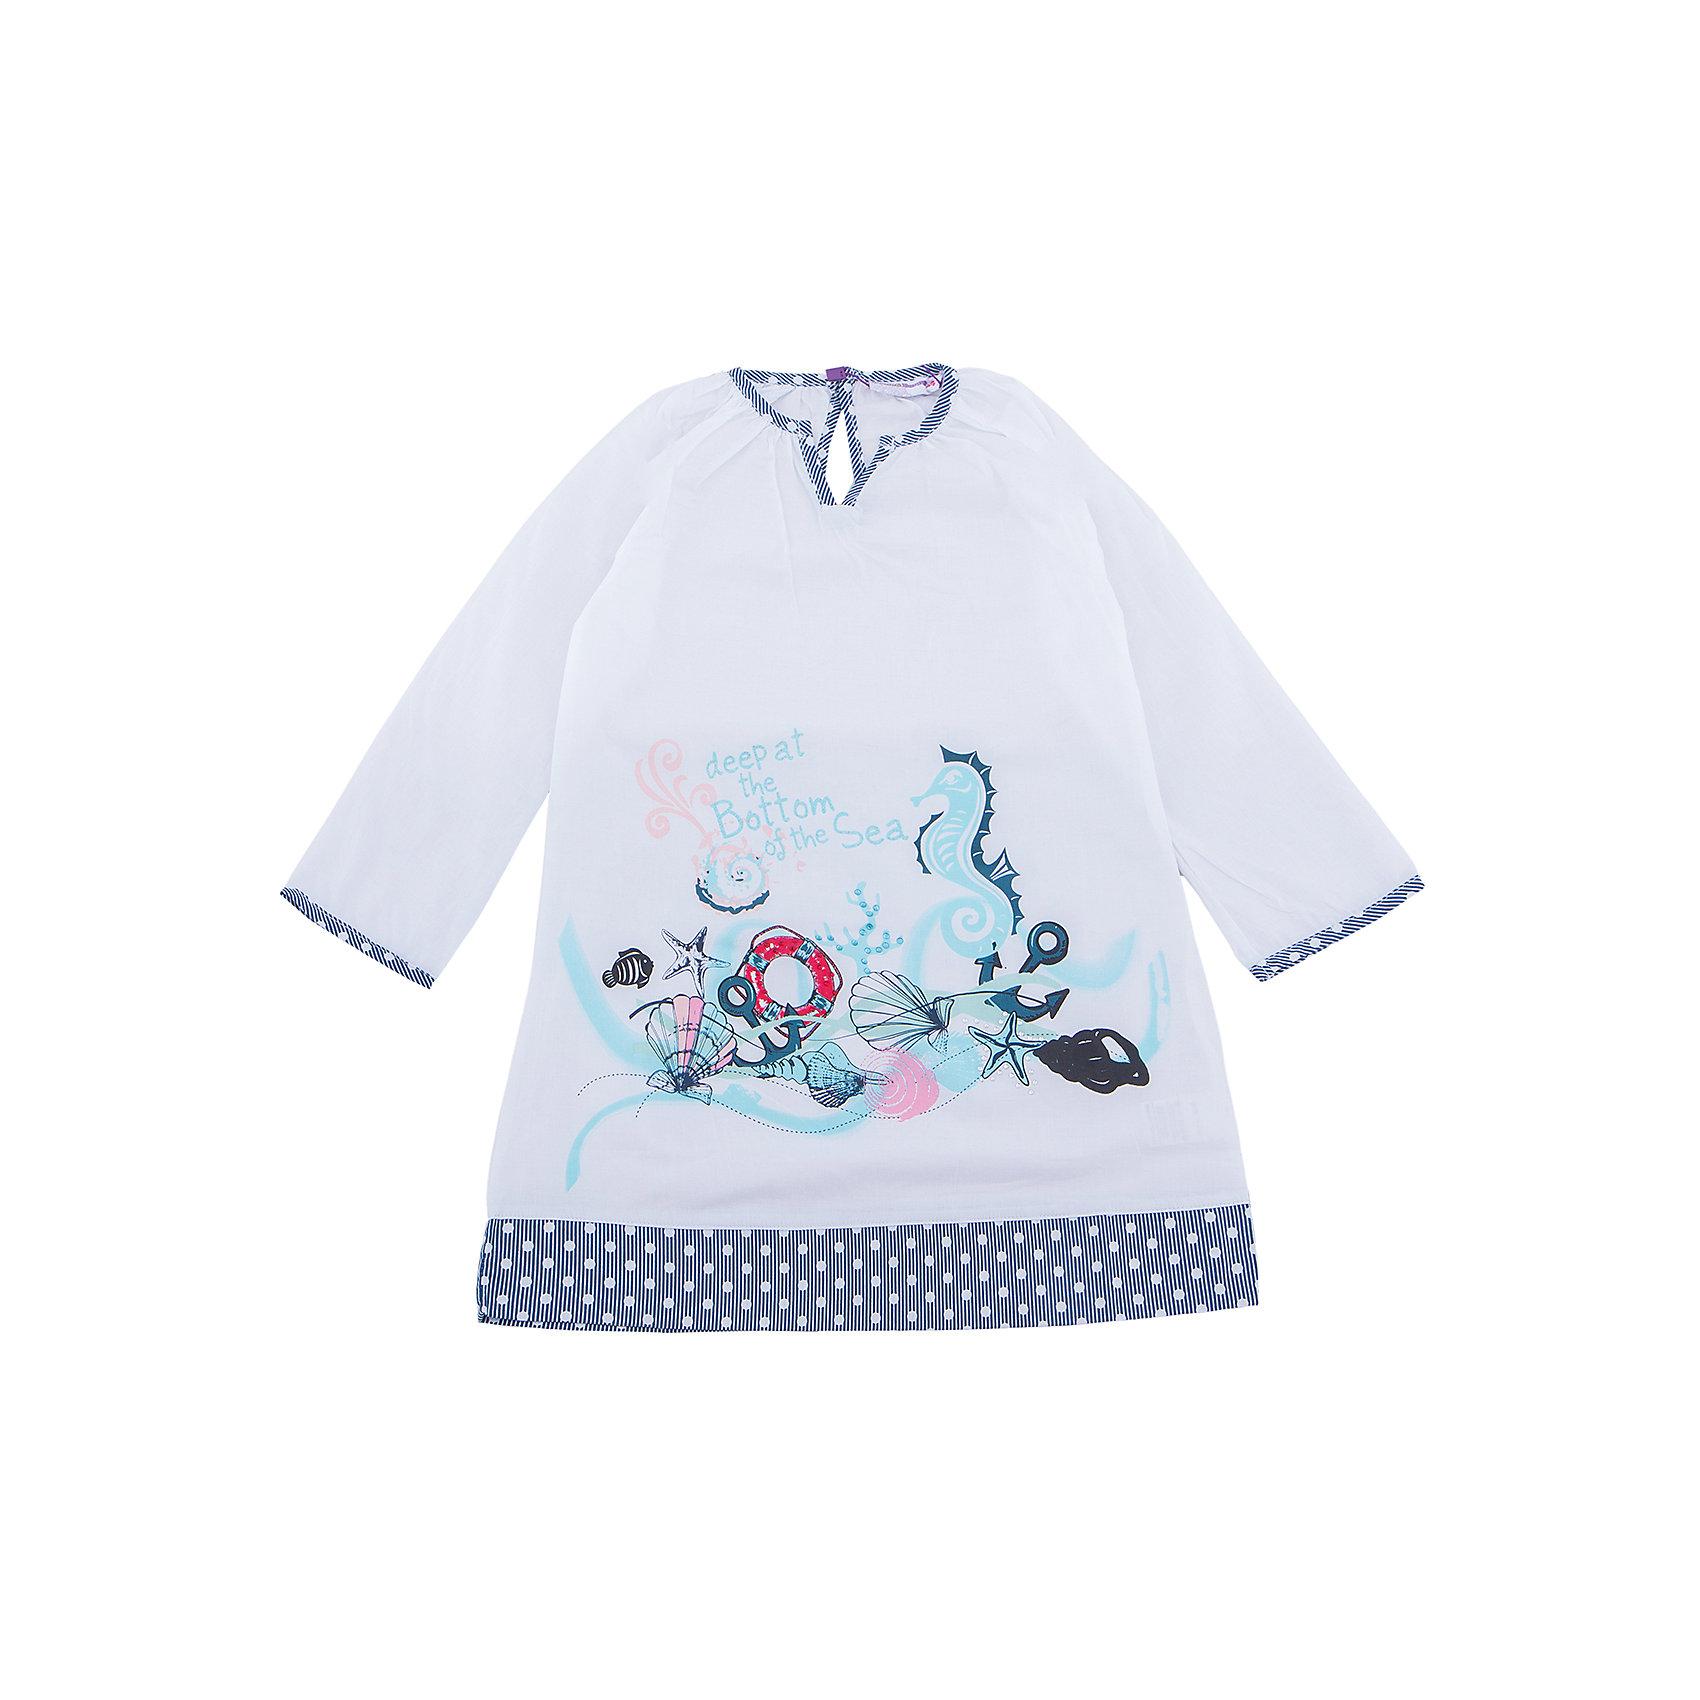 Платье для девочки Sweet BerryПлатья и сарафаны<br>Хлопковое платье-туника для жаркого лета.  Декорированно оригинальным принтом и контрастной отделкой горловины и низа изделия.<br>Состав:<br>100% хлопок<br><br>Ширина мм: 236<br>Глубина мм: 16<br>Высота мм: 184<br>Вес г: 177<br>Цвет: белый<br>Возраст от месяцев: 36<br>Возраст до месяцев: 48<br>Пол: Женский<br>Возраст: Детский<br>Размер: 104,110,116,128,140<br>SKU: 5412072